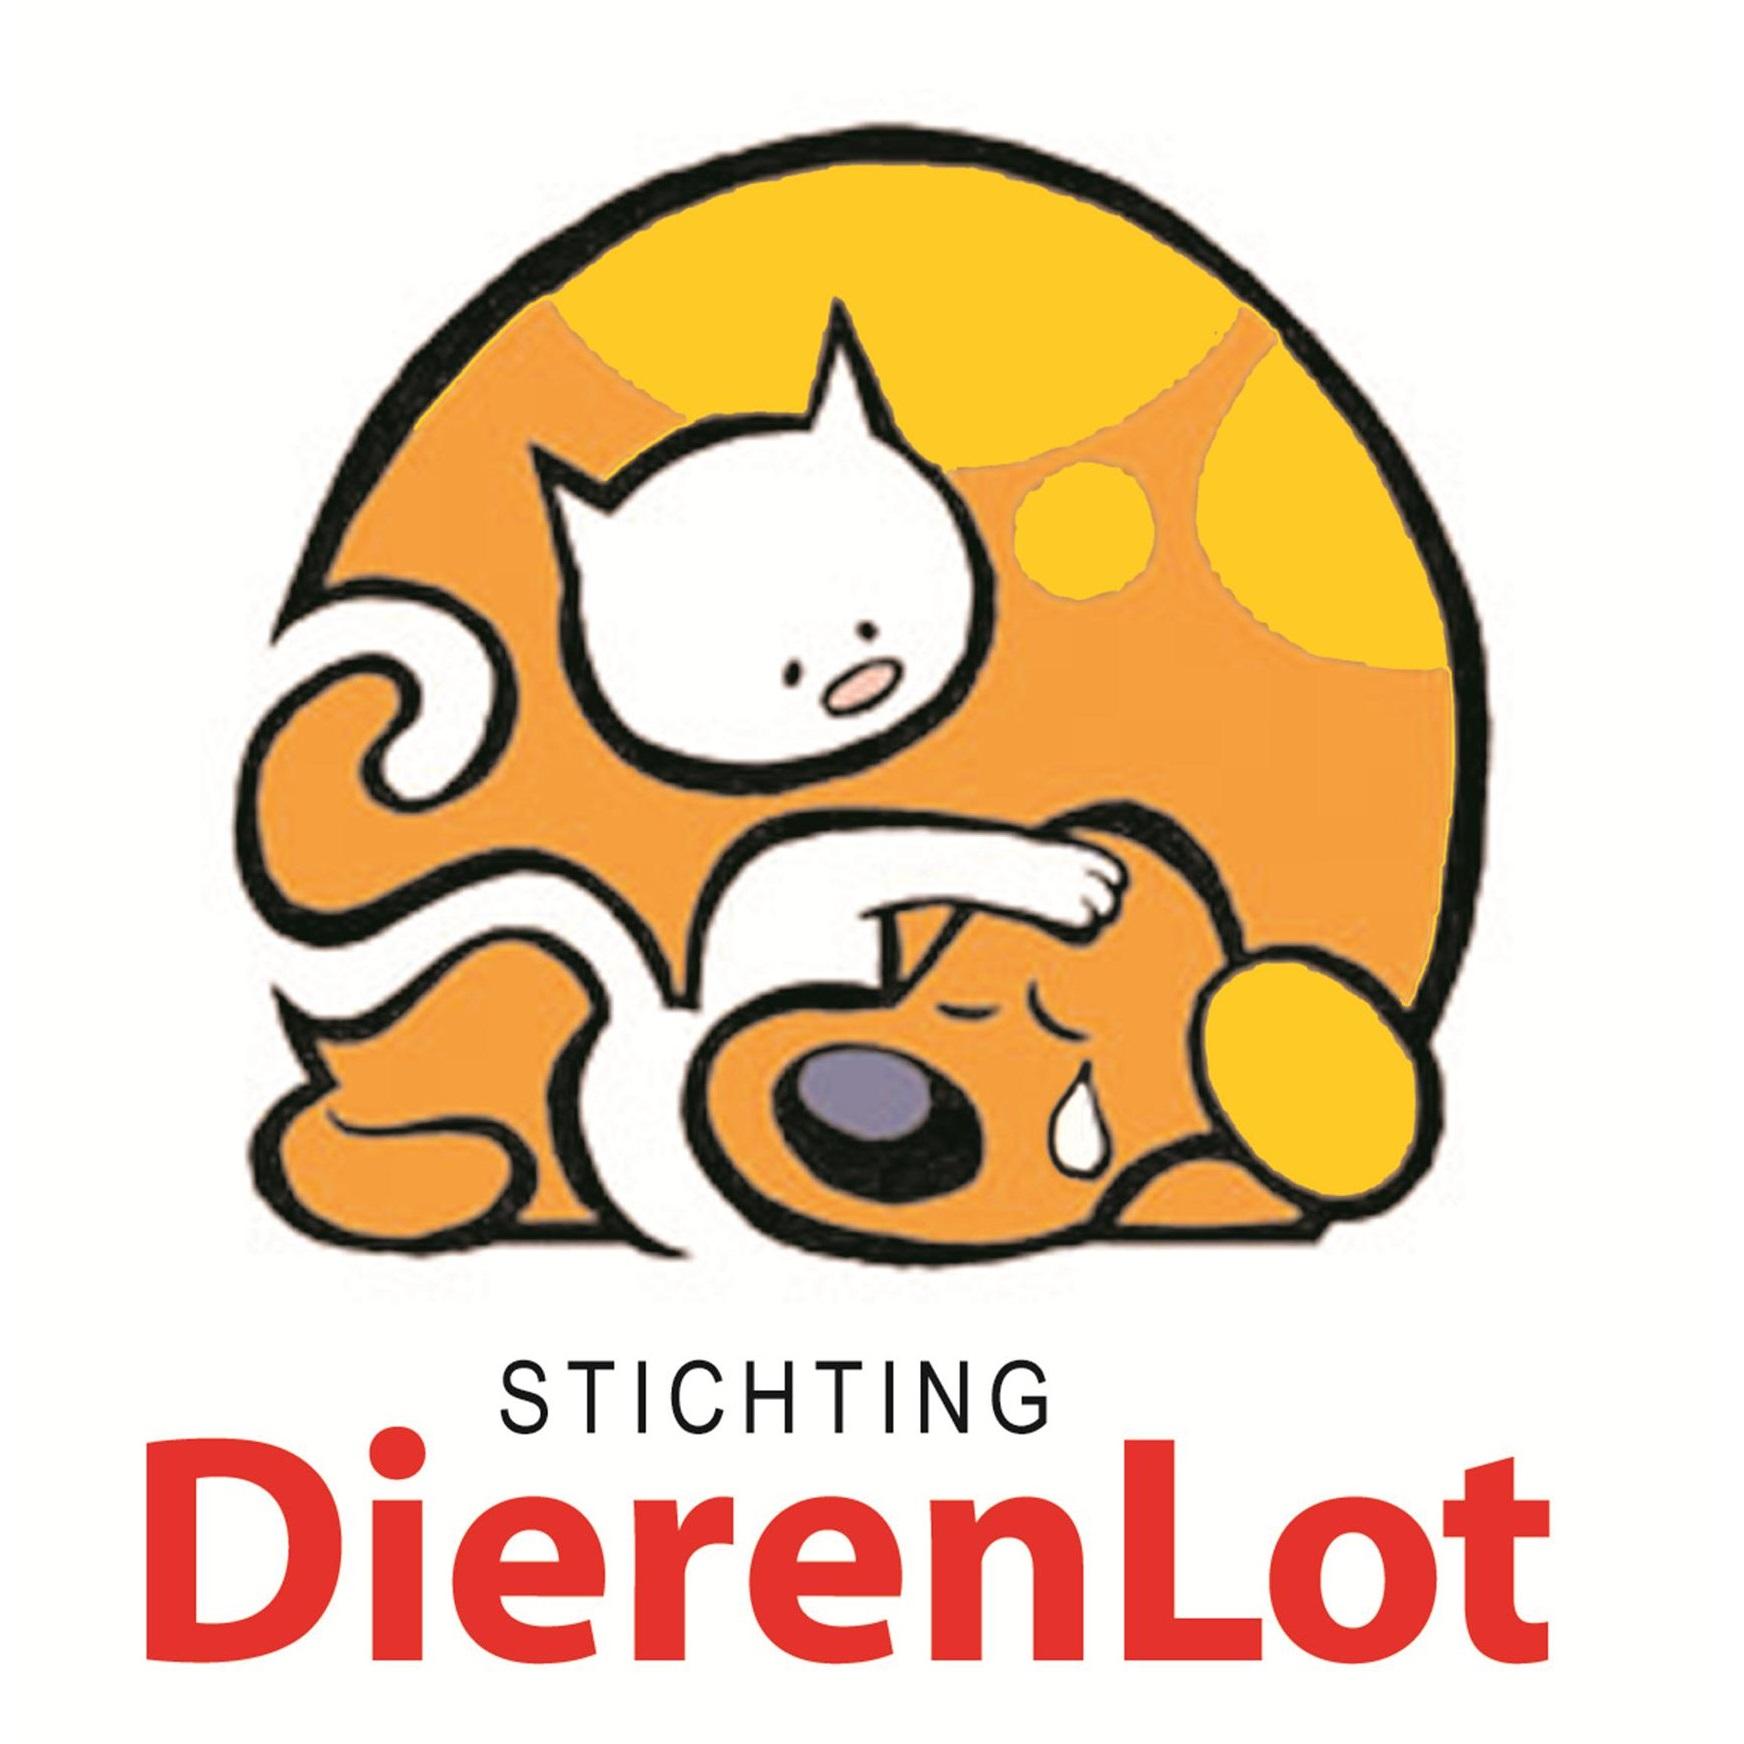 Stichting Dierenlot